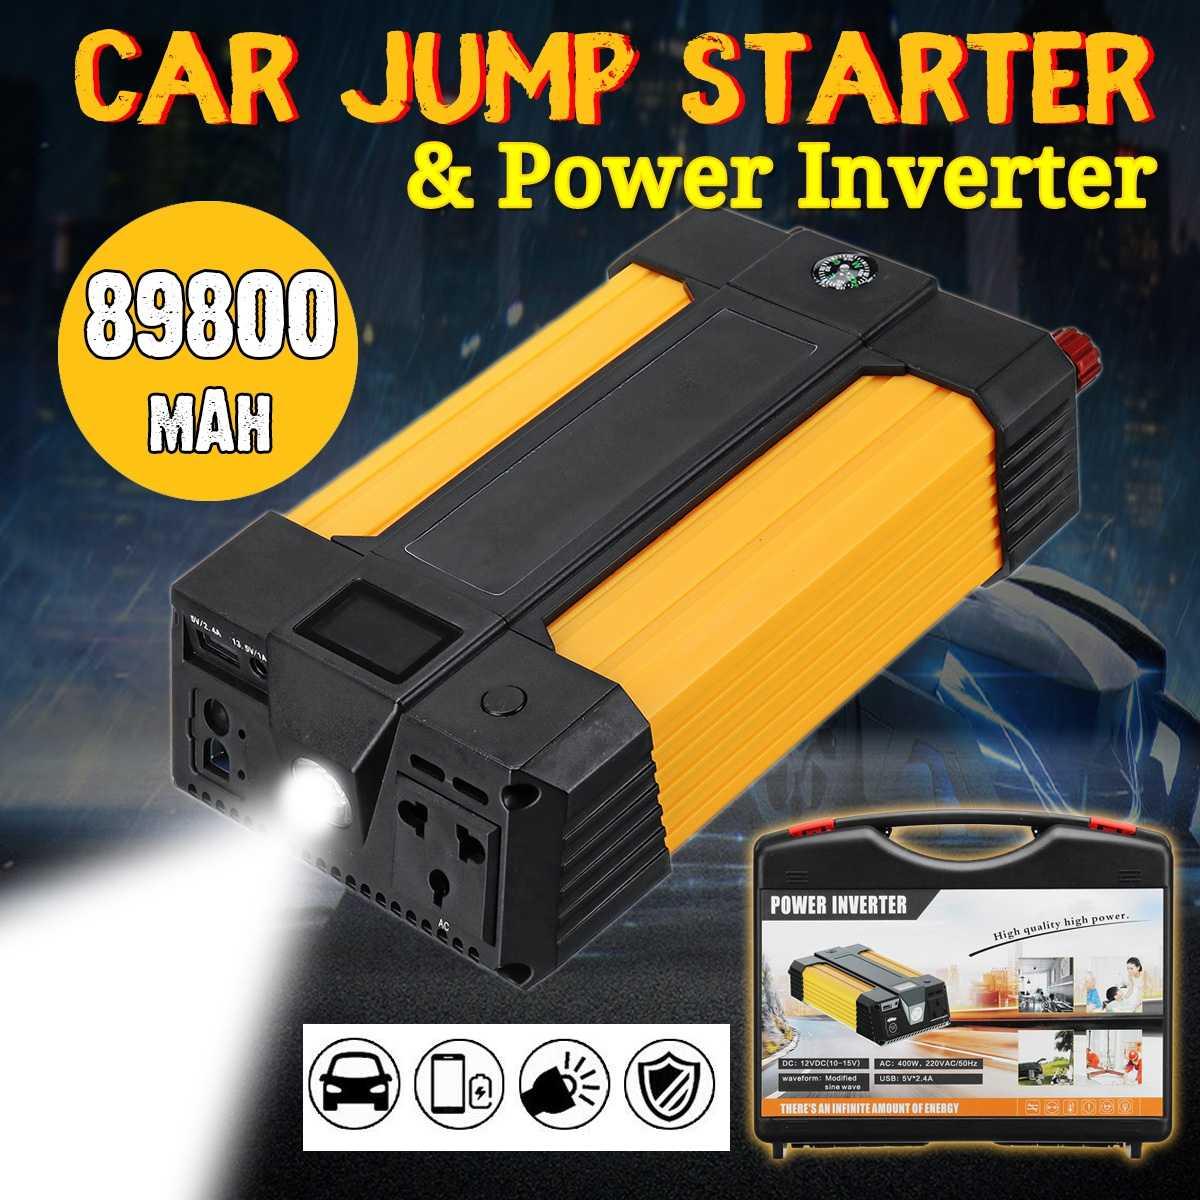 Démarreur de voiture 89800 mAh batterie externe 12 V Portable voiture Booster voiture démarreur avec fonction d'inverseur à onde sinusoïdale modifiée